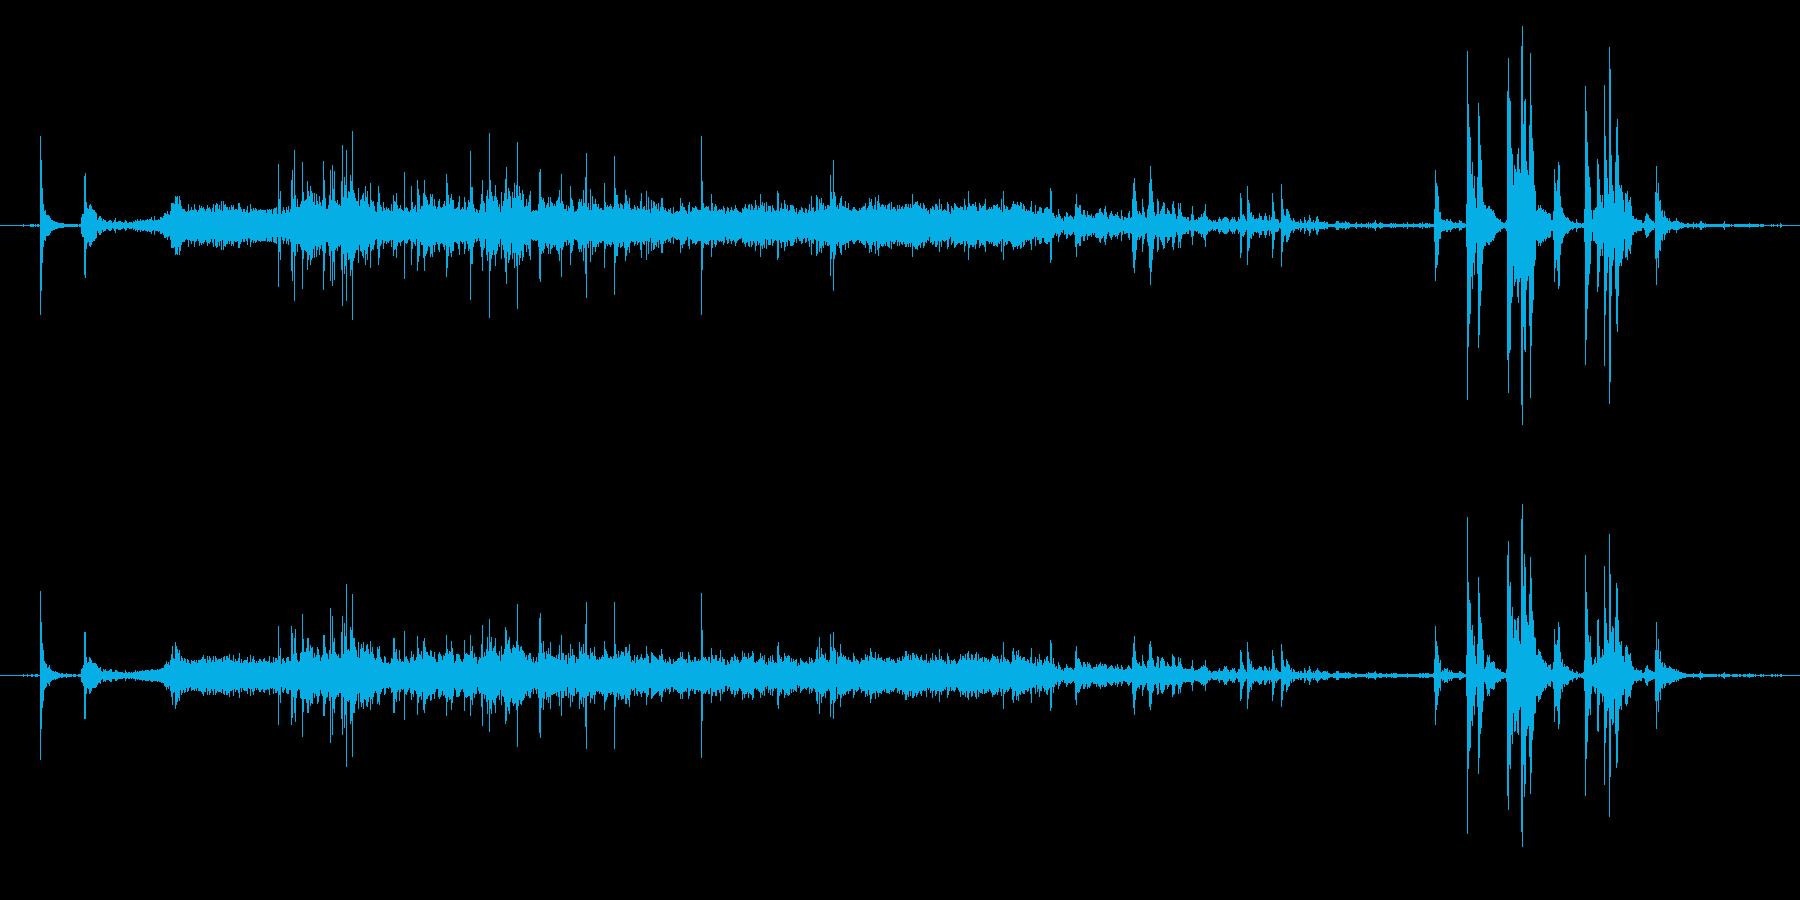 ジャー 洗面所の水が流れる音の再生済みの波形